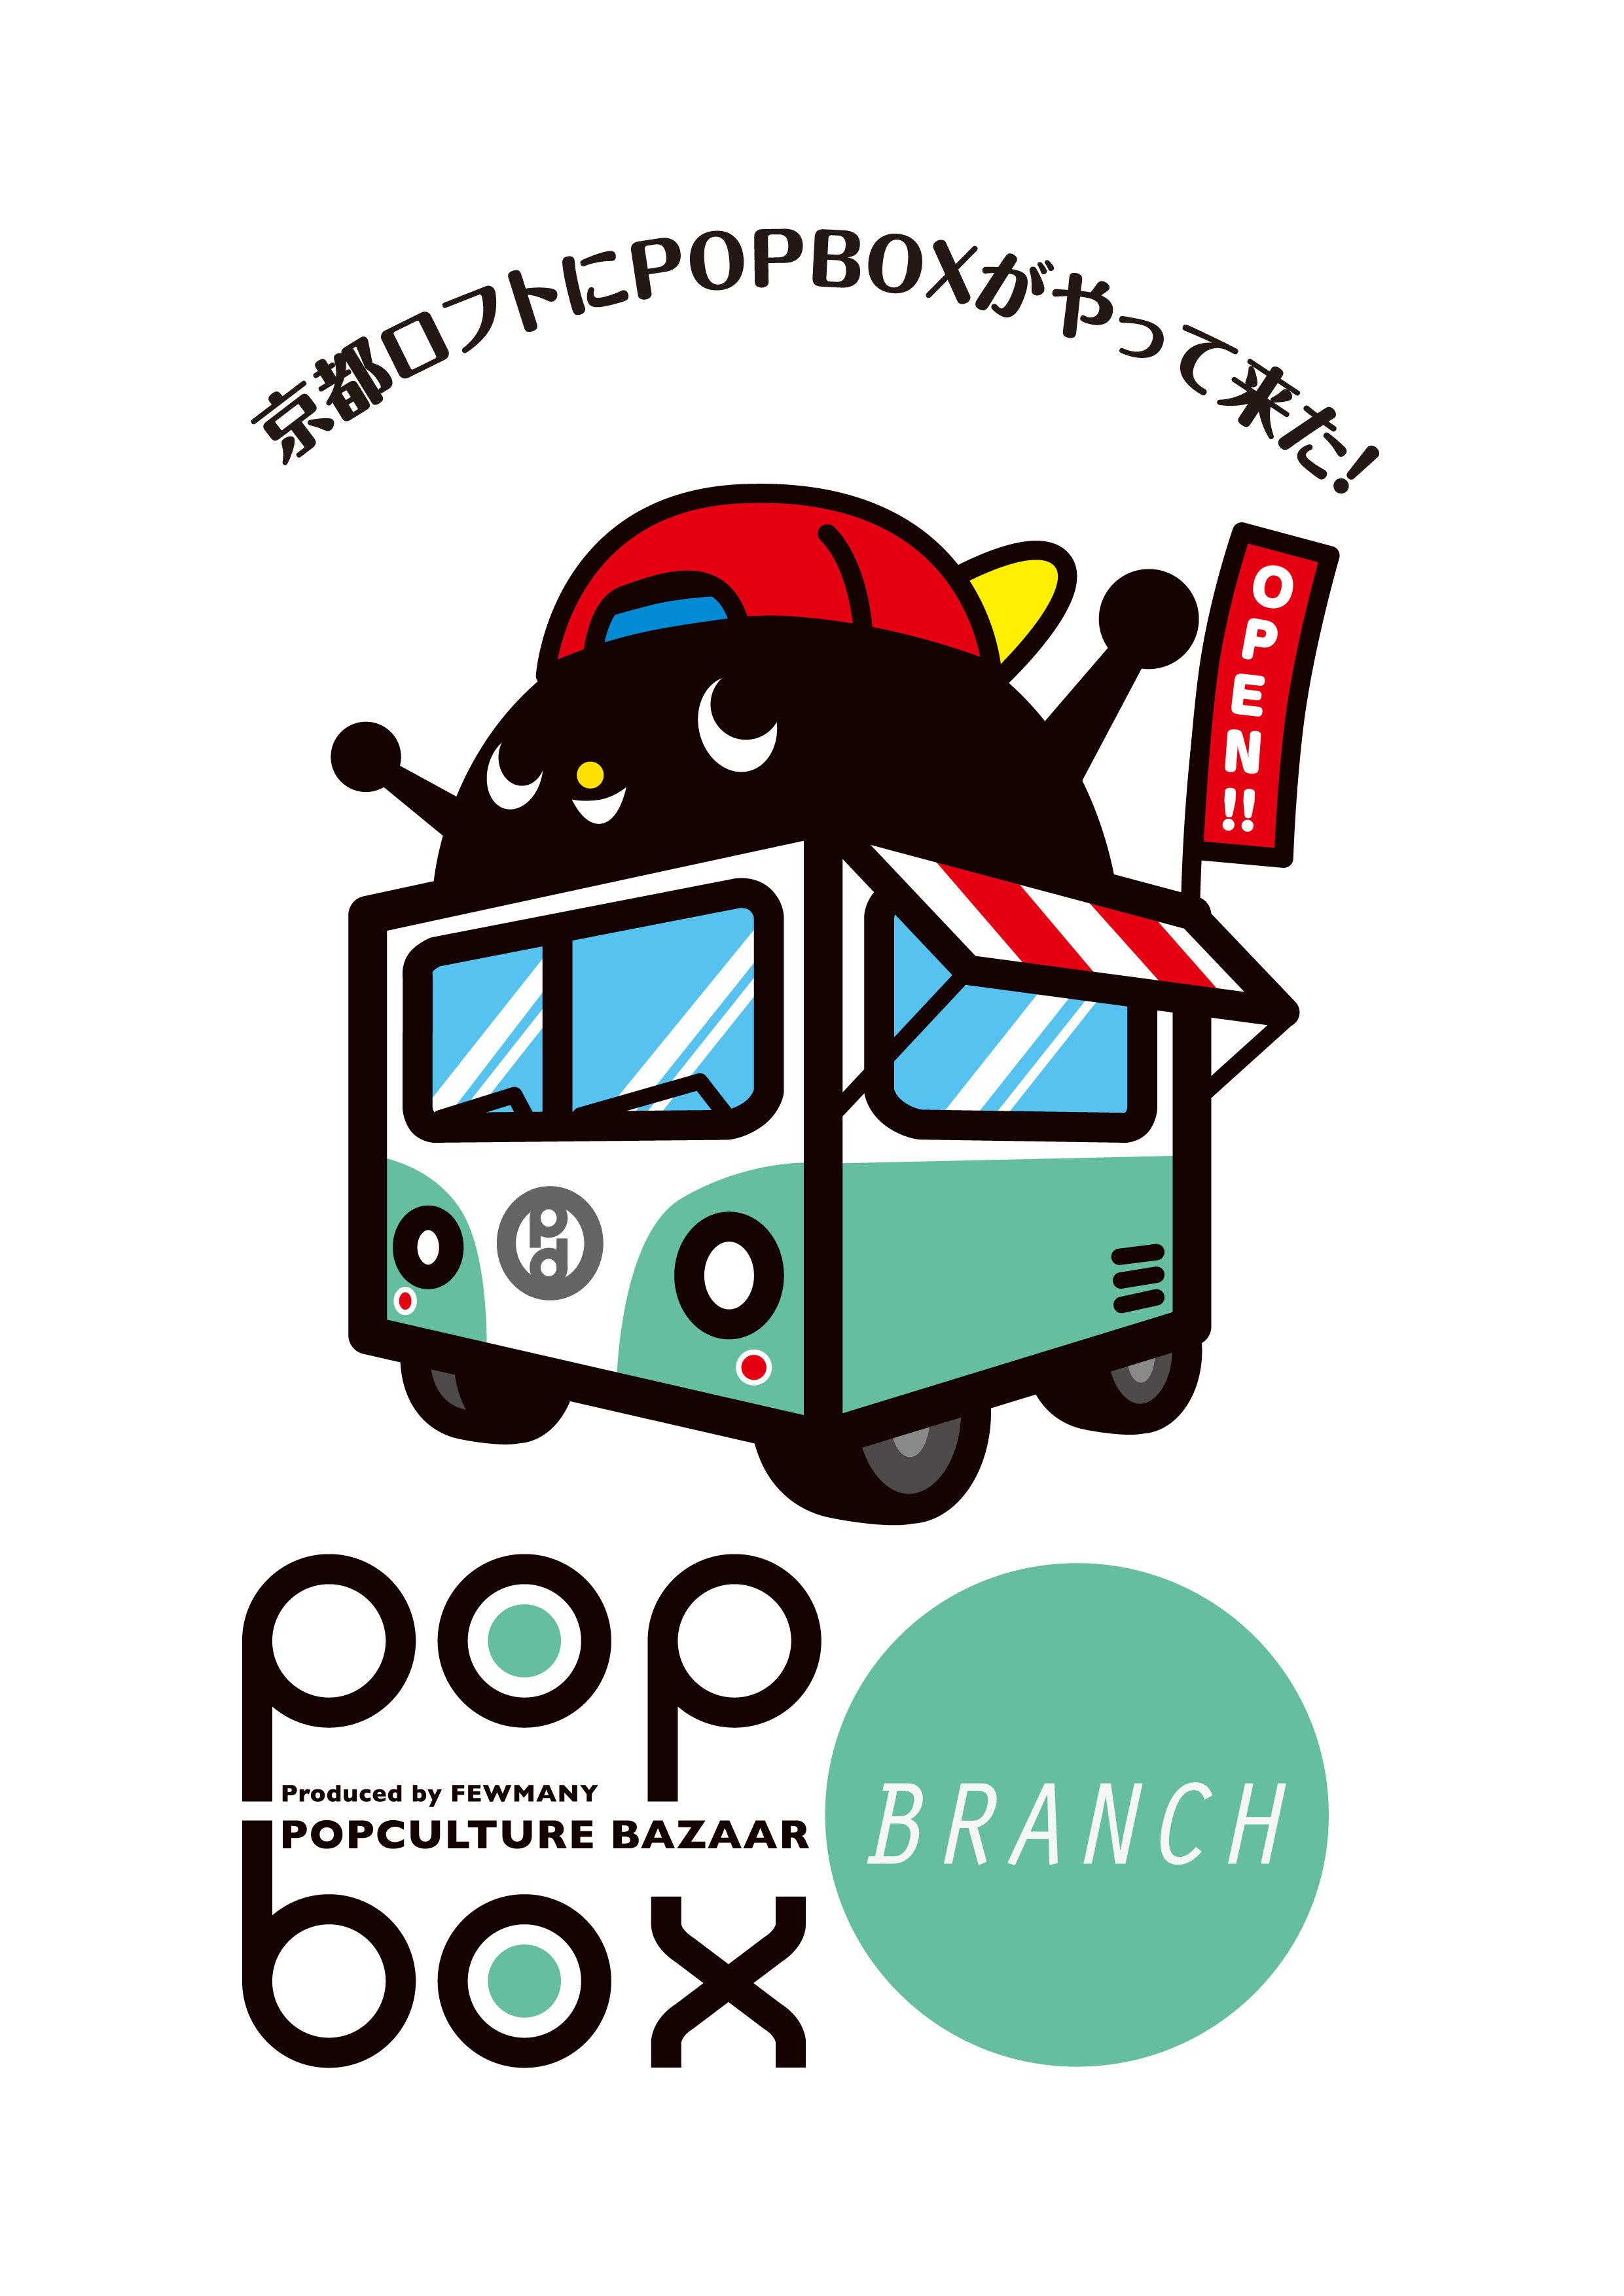 京都ロフト POPBOX BRANCH開催のお知らせ_f0010033_12013629.jpg